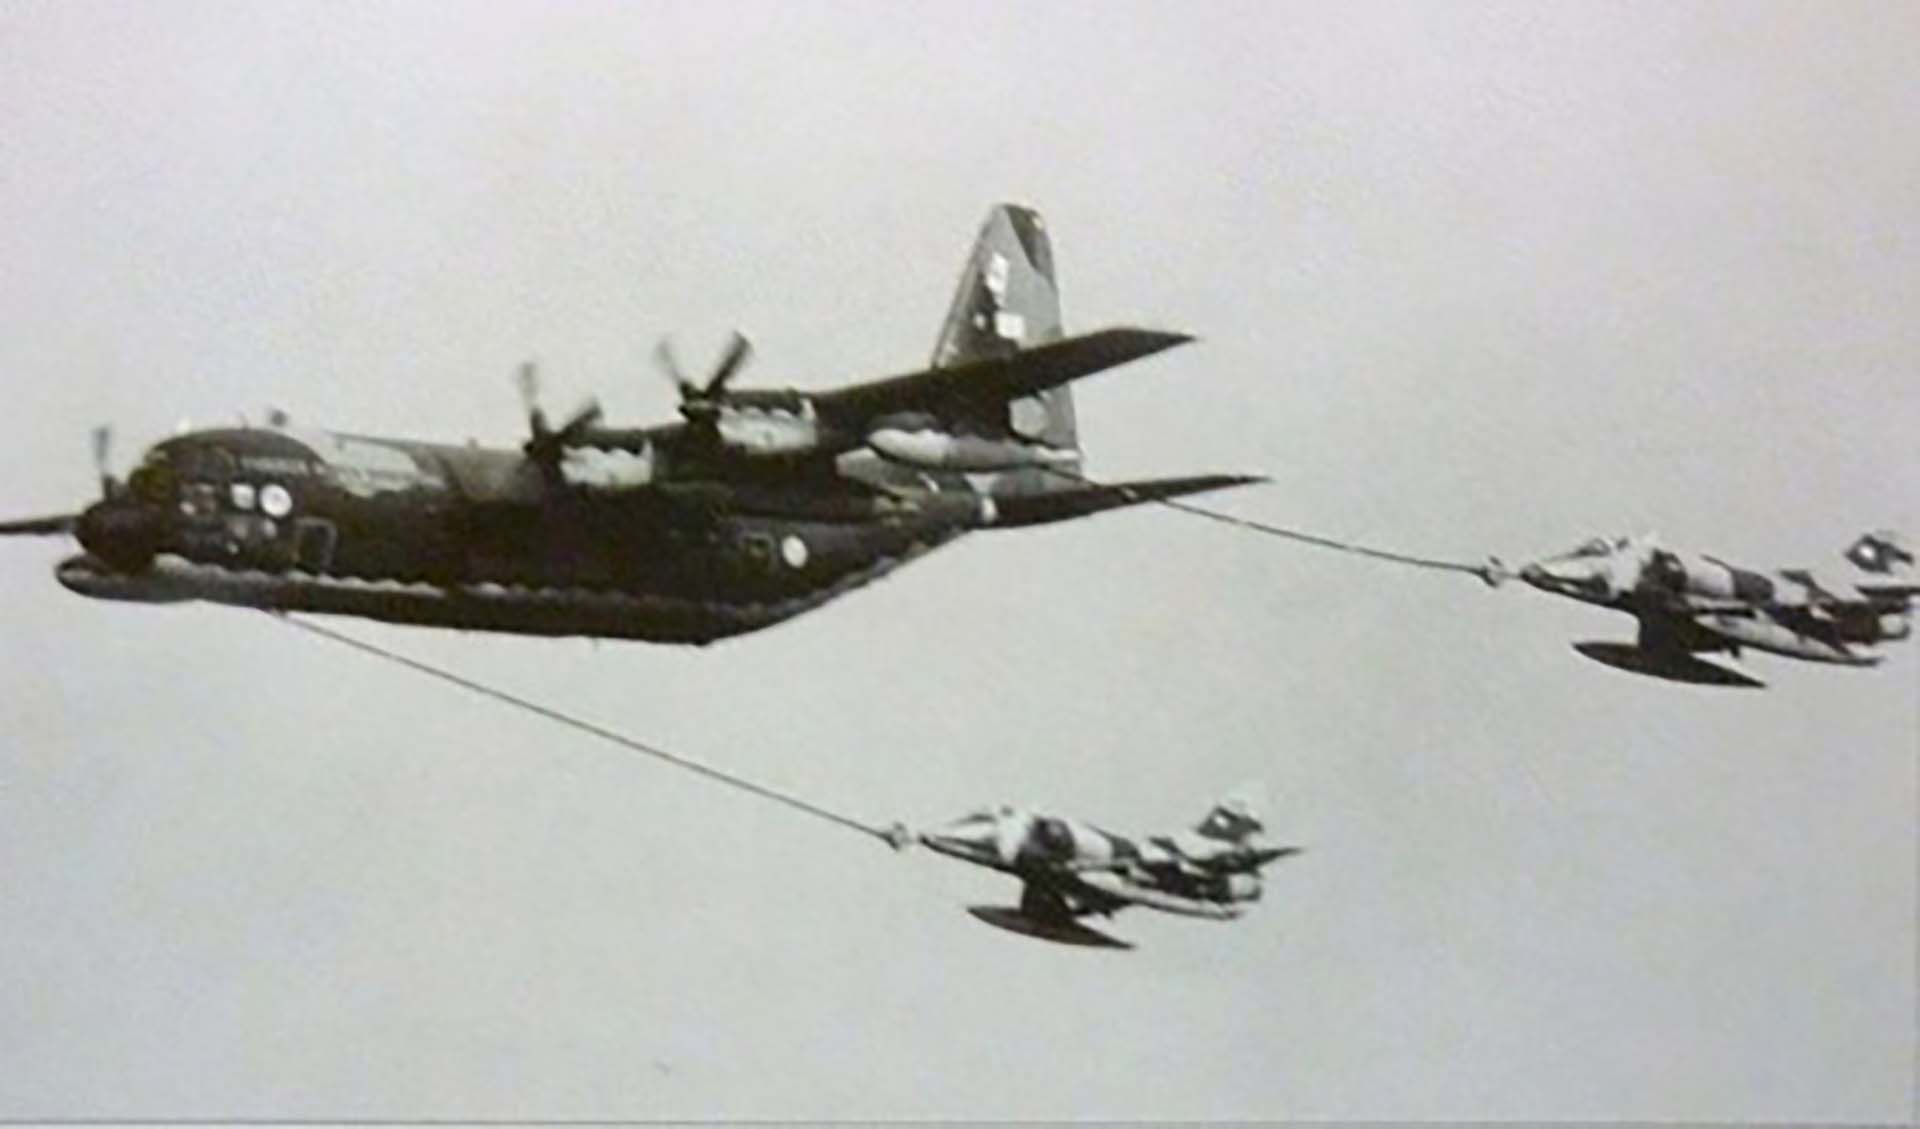 """Carga de combustible en vuelo de dos aviones A4-C. El Hércules KC-130-""""La Chancha"""" como lo llaman en la Fuerza Aérea-los esperaba en """"punto de reabastecimiento"""" entre las islas y el continente para que los pilotos pudieran reponer combustible cuando iban y volvían de las misiones"""